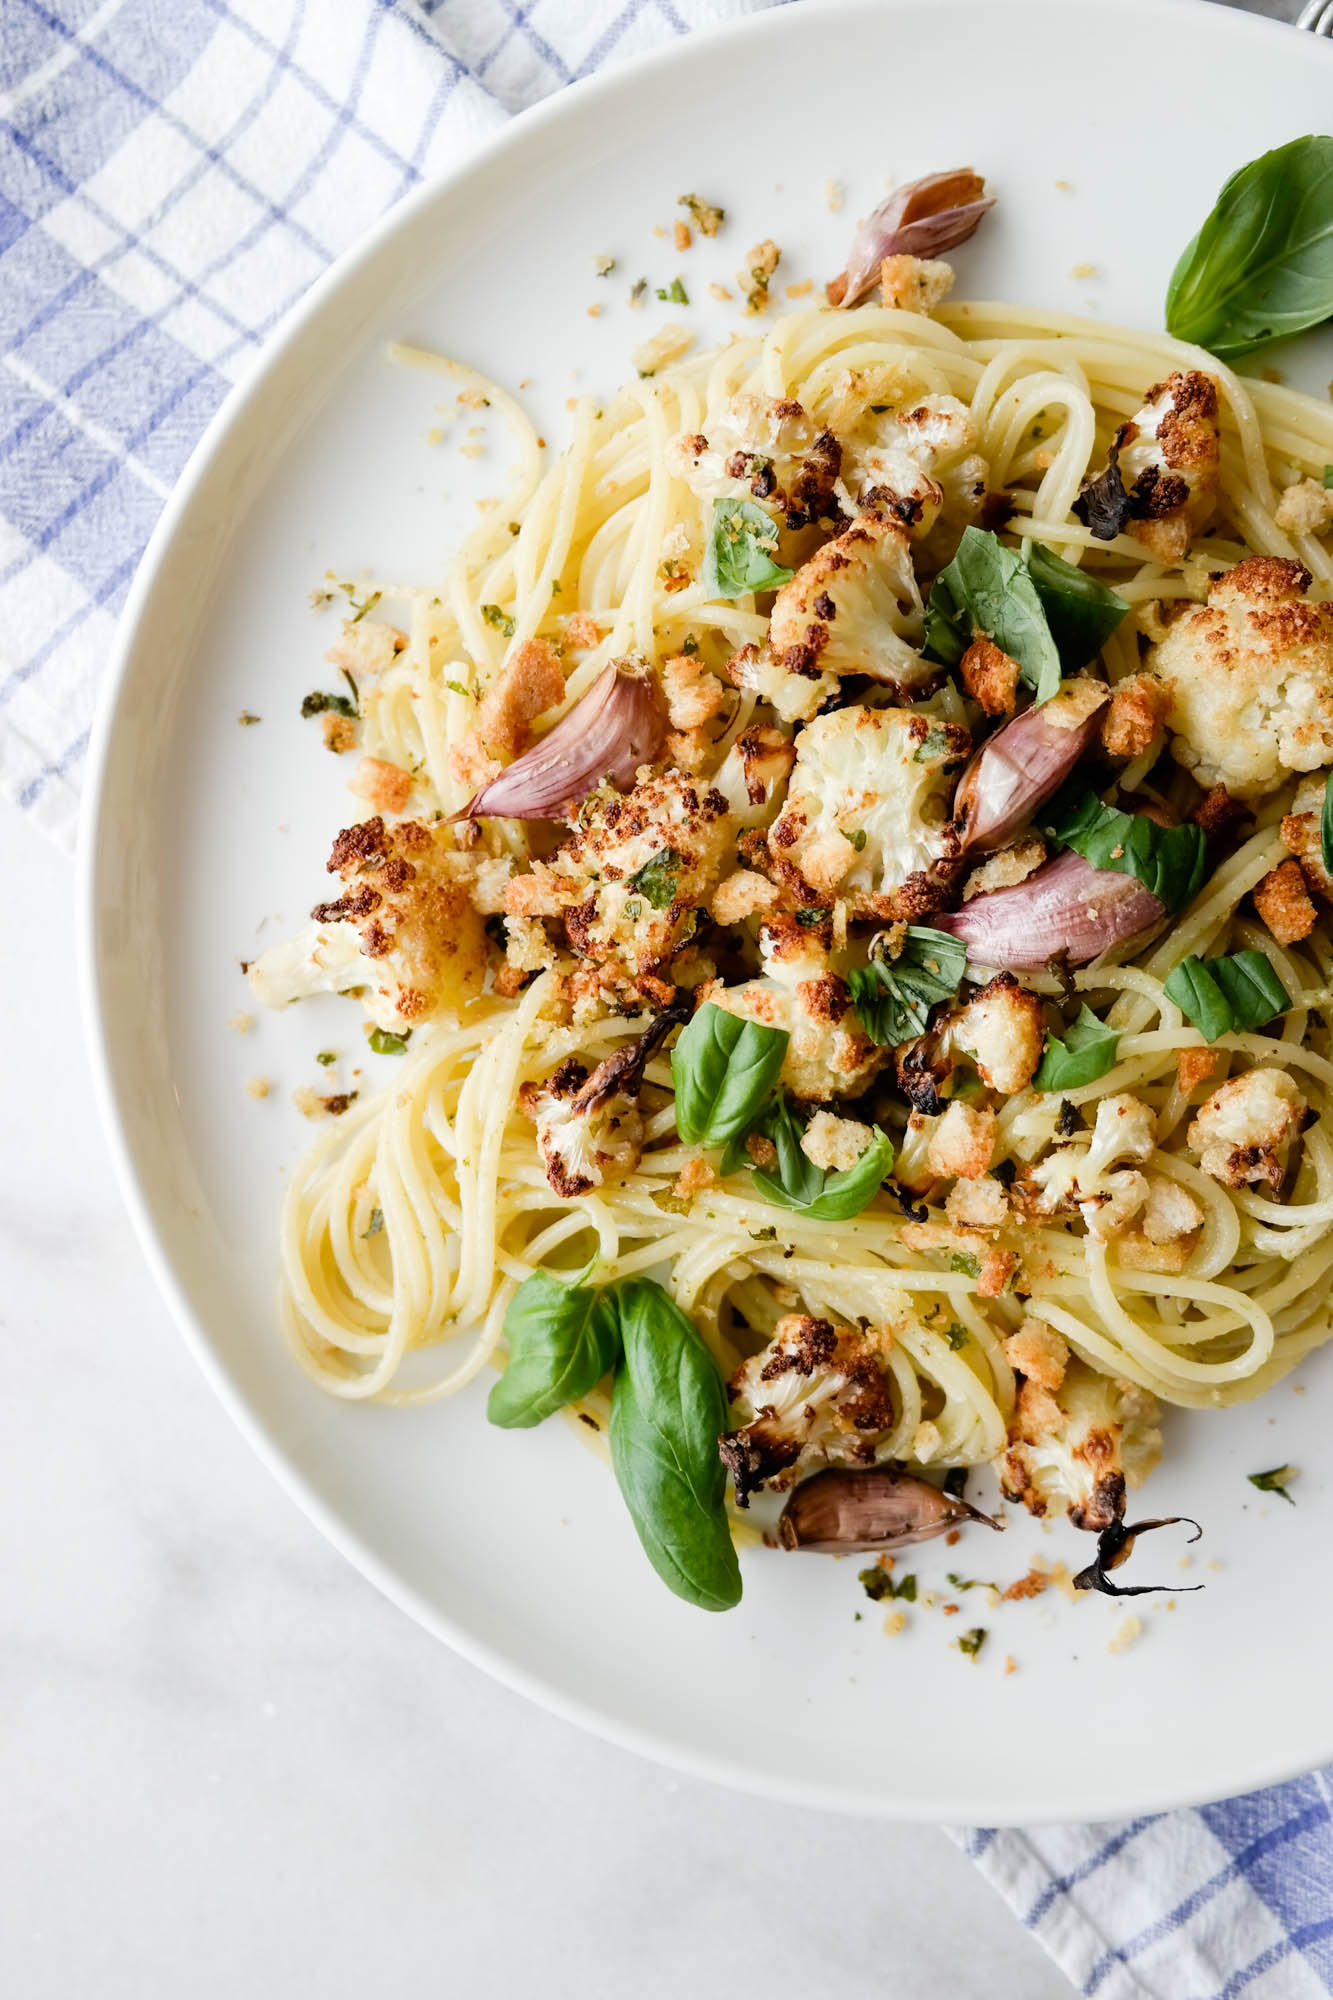 Blomkål og spaghetti sammen, sier du? Hell yes!